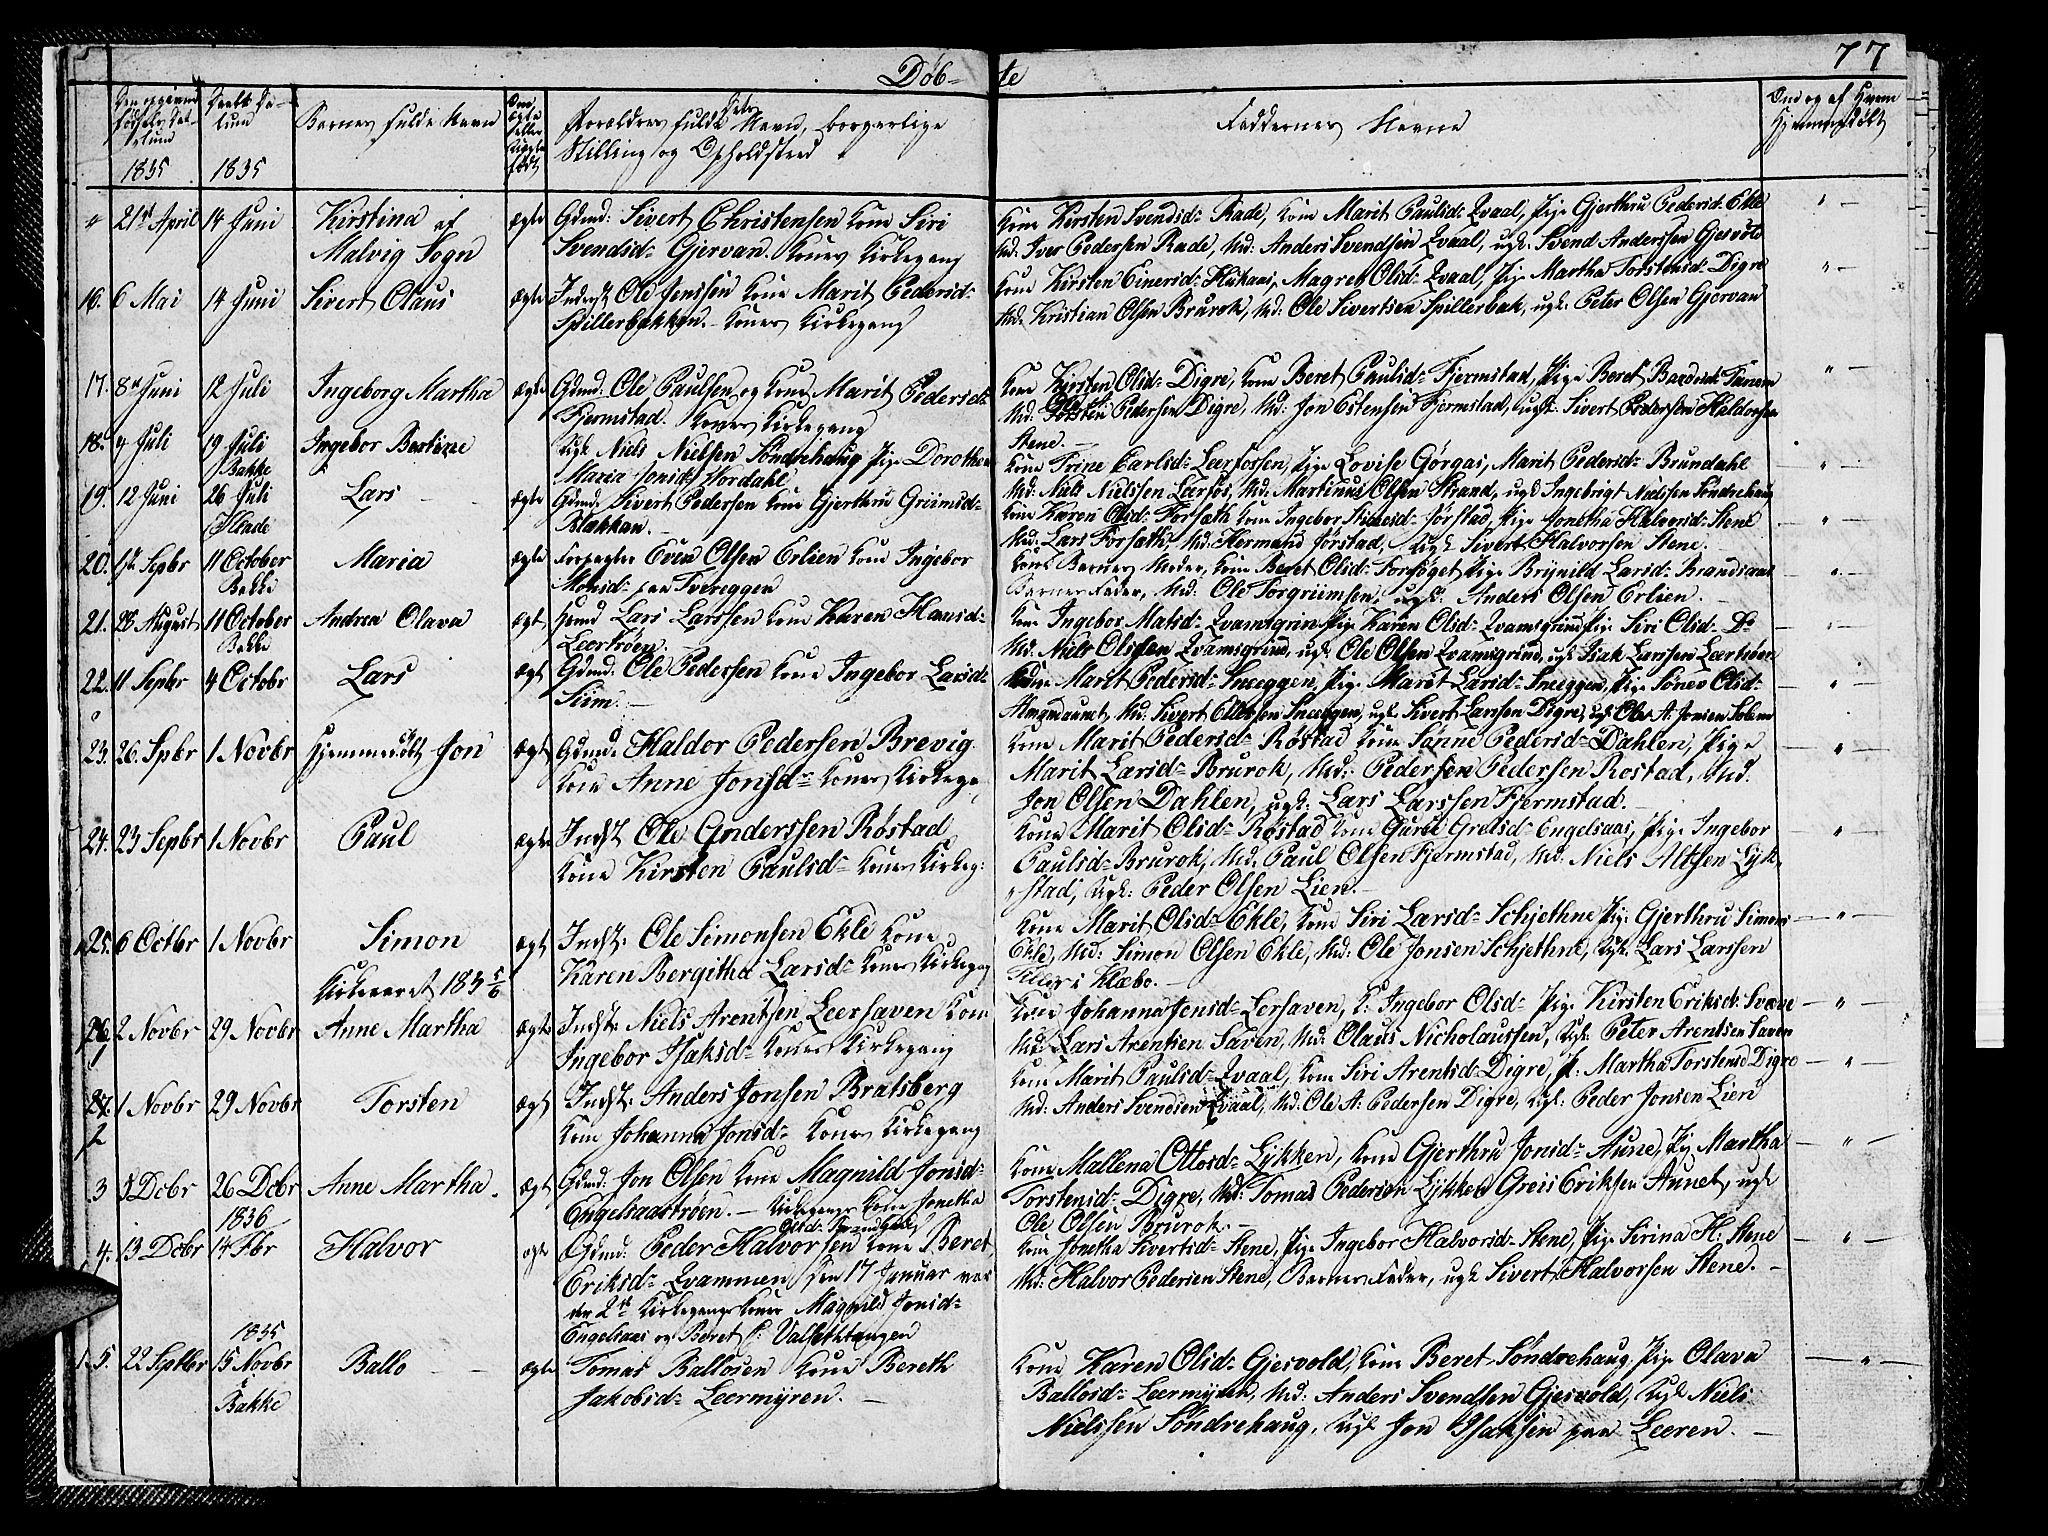 SAT, Ministerialprotokoller, klokkerbøker og fødselsregistre - Sør-Trøndelag, 608/L0338: Klokkerbok nr. 608C04, 1831-1843, s. 7